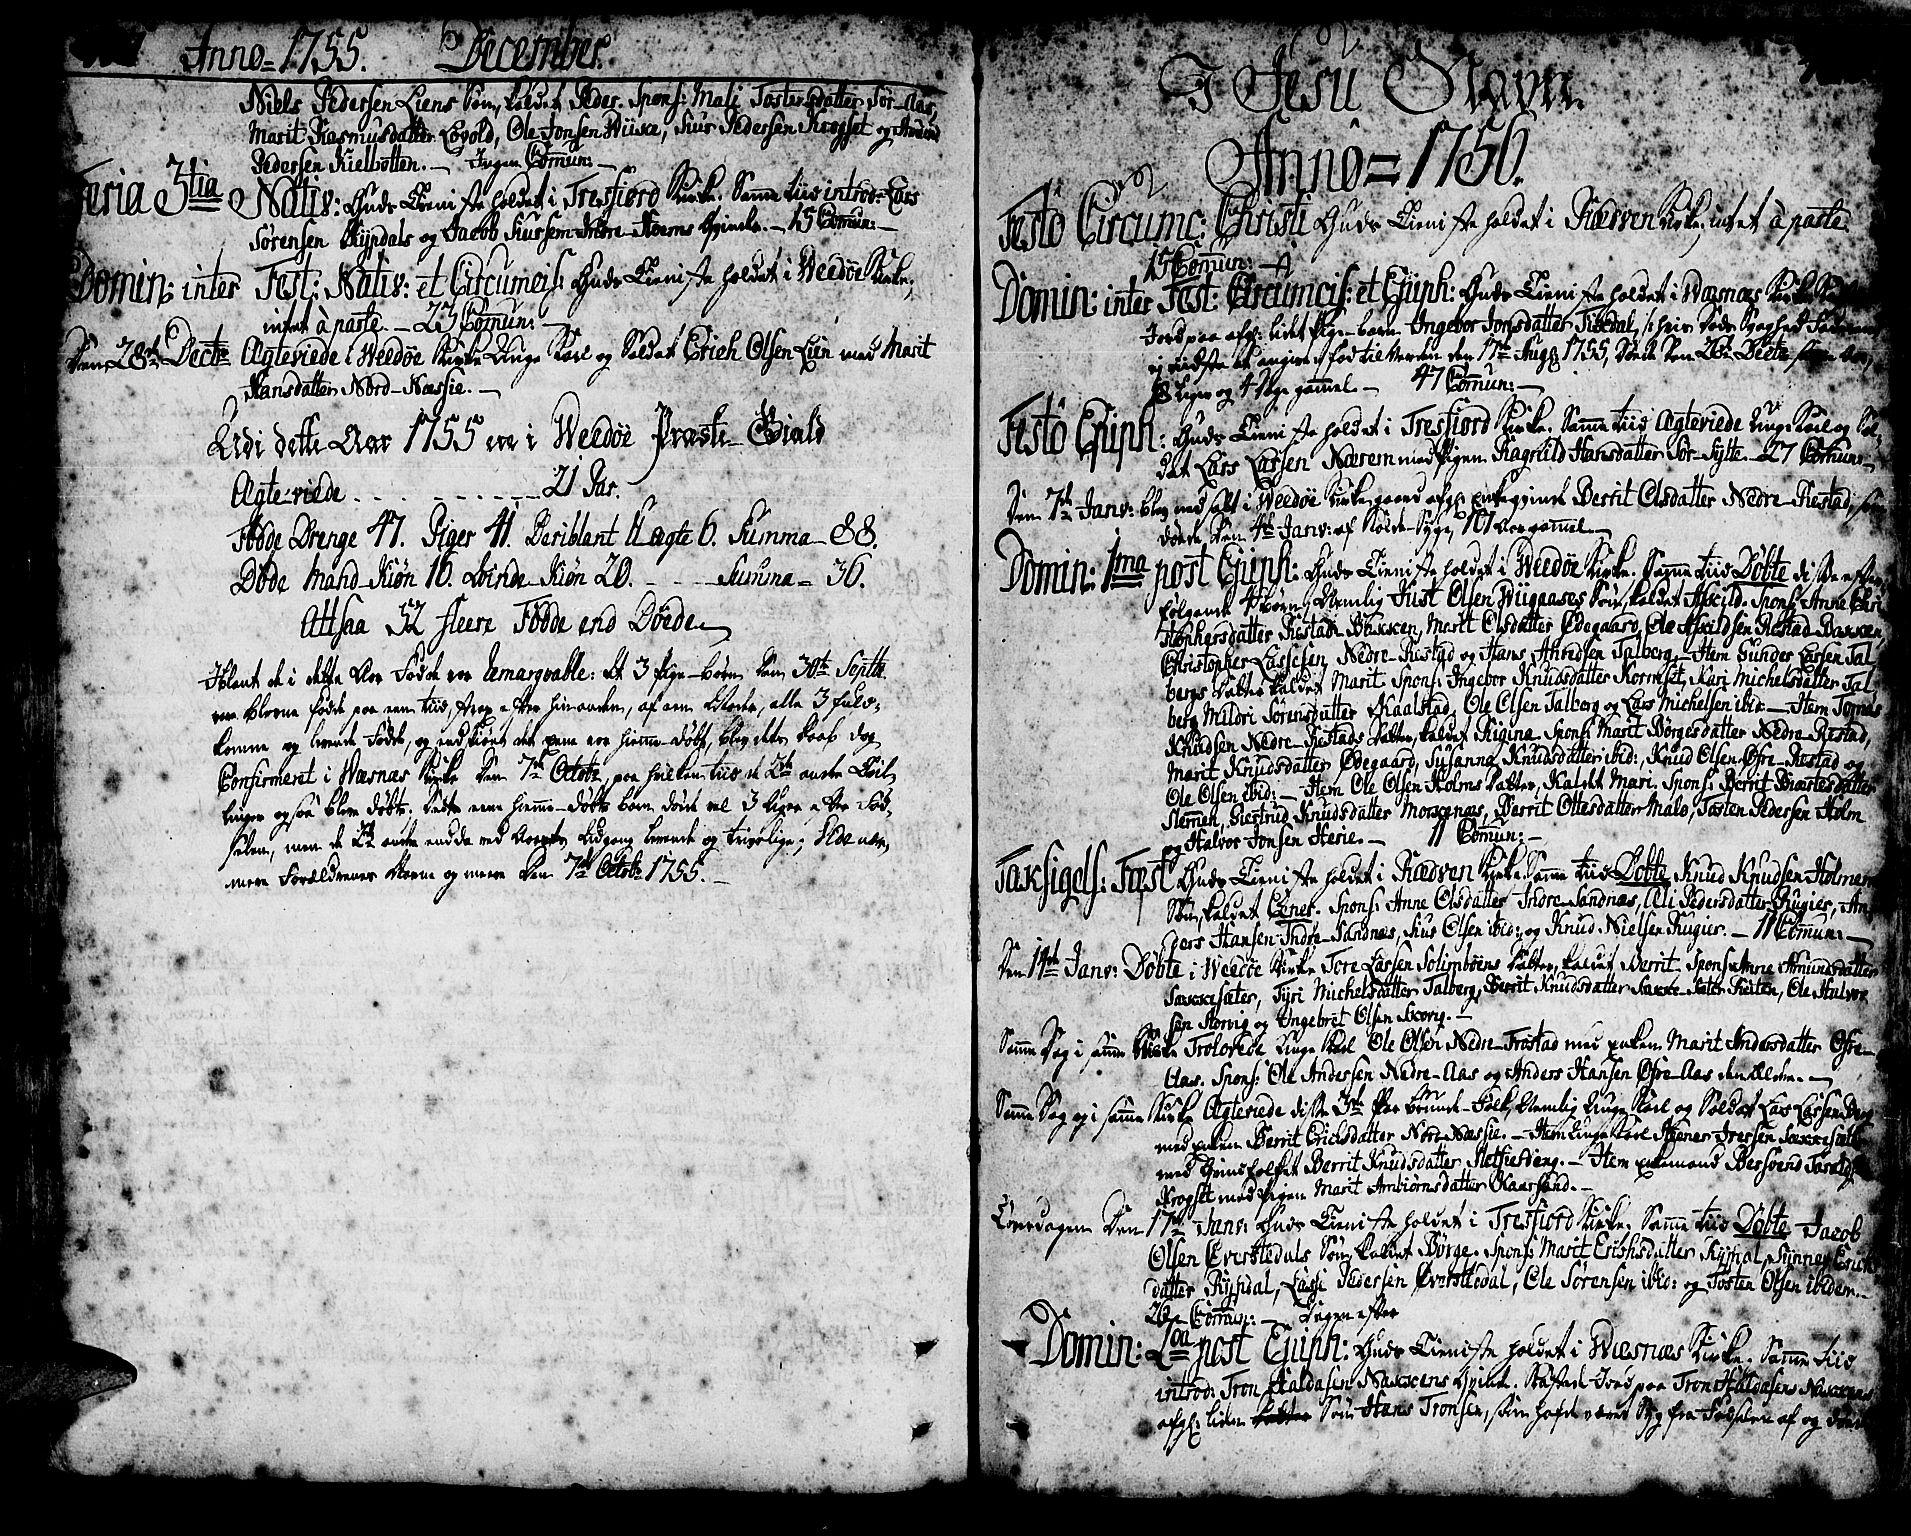 SAT, Ministerialprotokoller, klokkerbøker og fødselsregistre - Møre og Romsdal, 547/L0599: Ministerialbok nr. 547A01, 1721-1764, s. 407-408